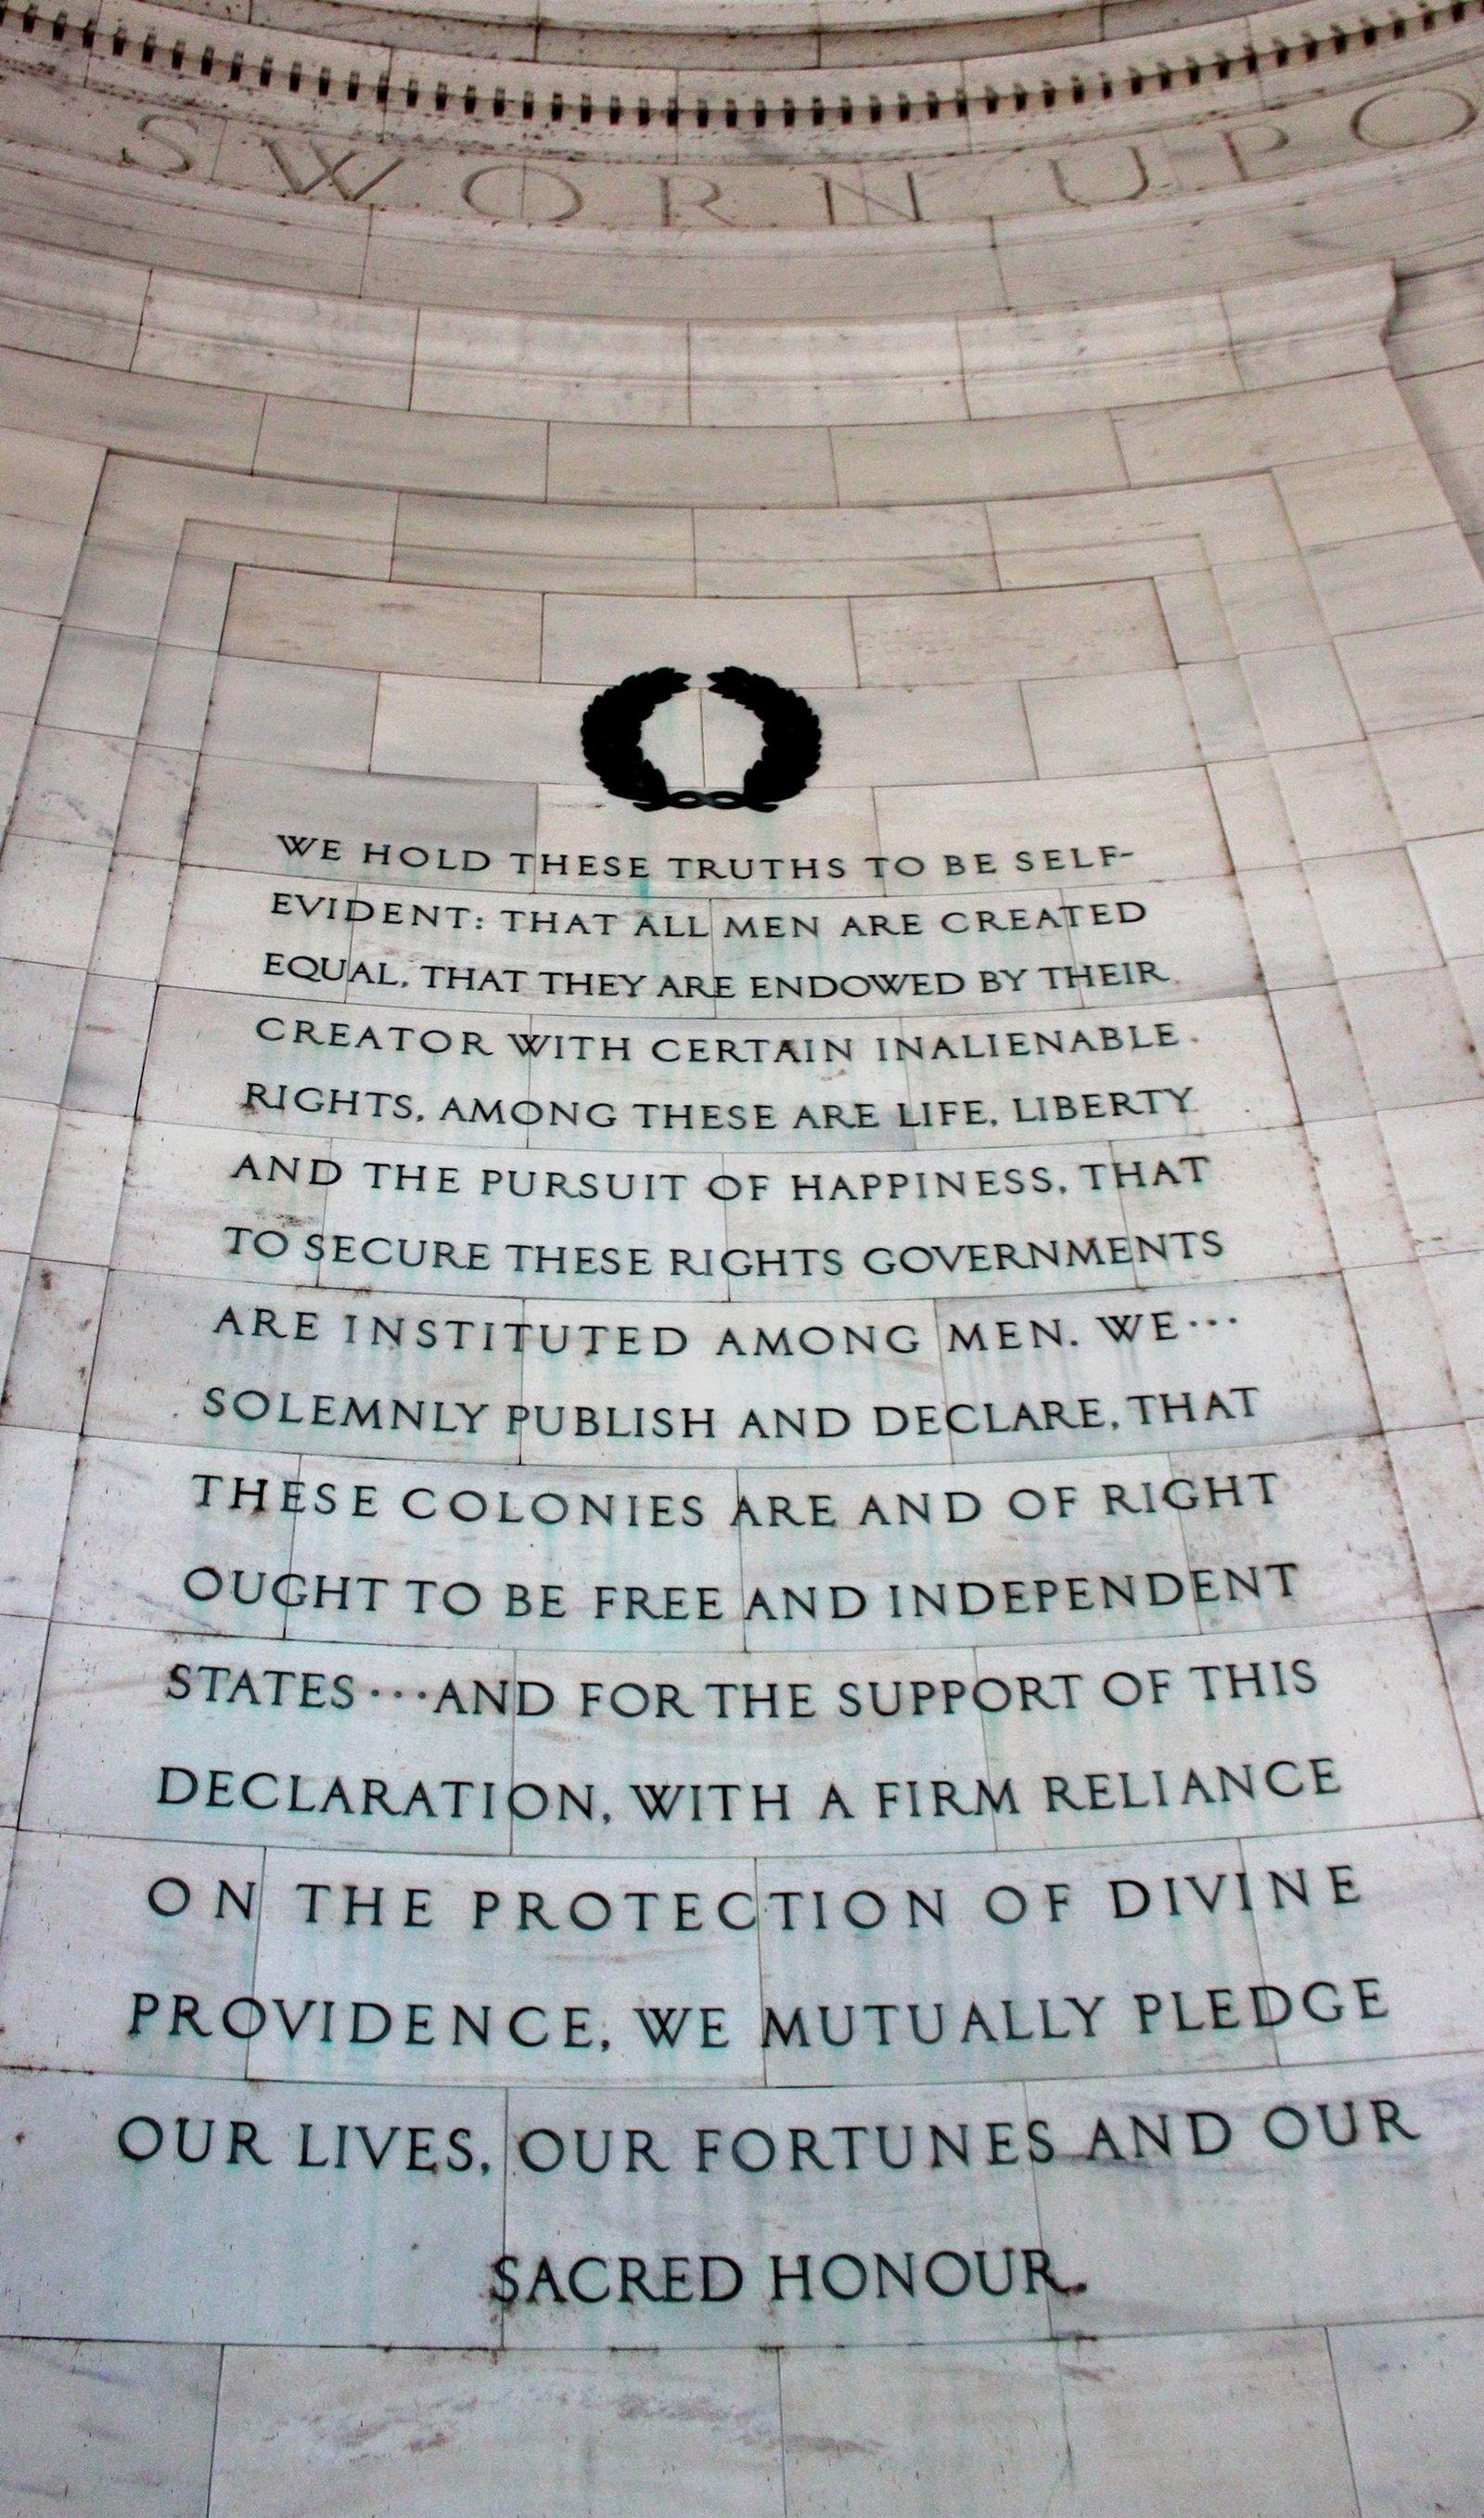 El segundo párrafo de la Declaración de la Independencia